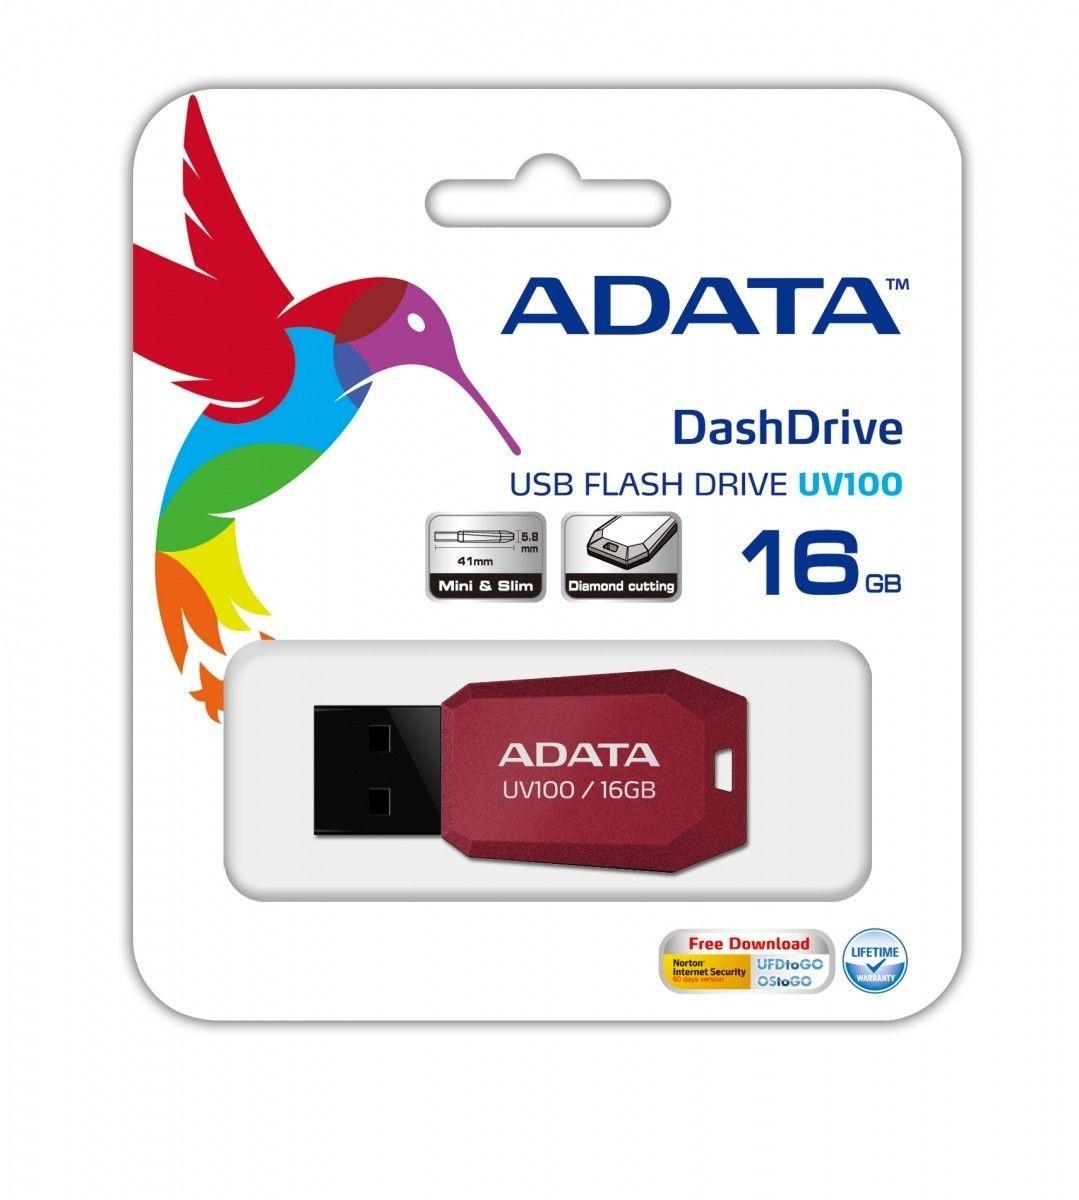 A-Data Adata pamięć USB UV100 16GB USB 2.0 Czerwony